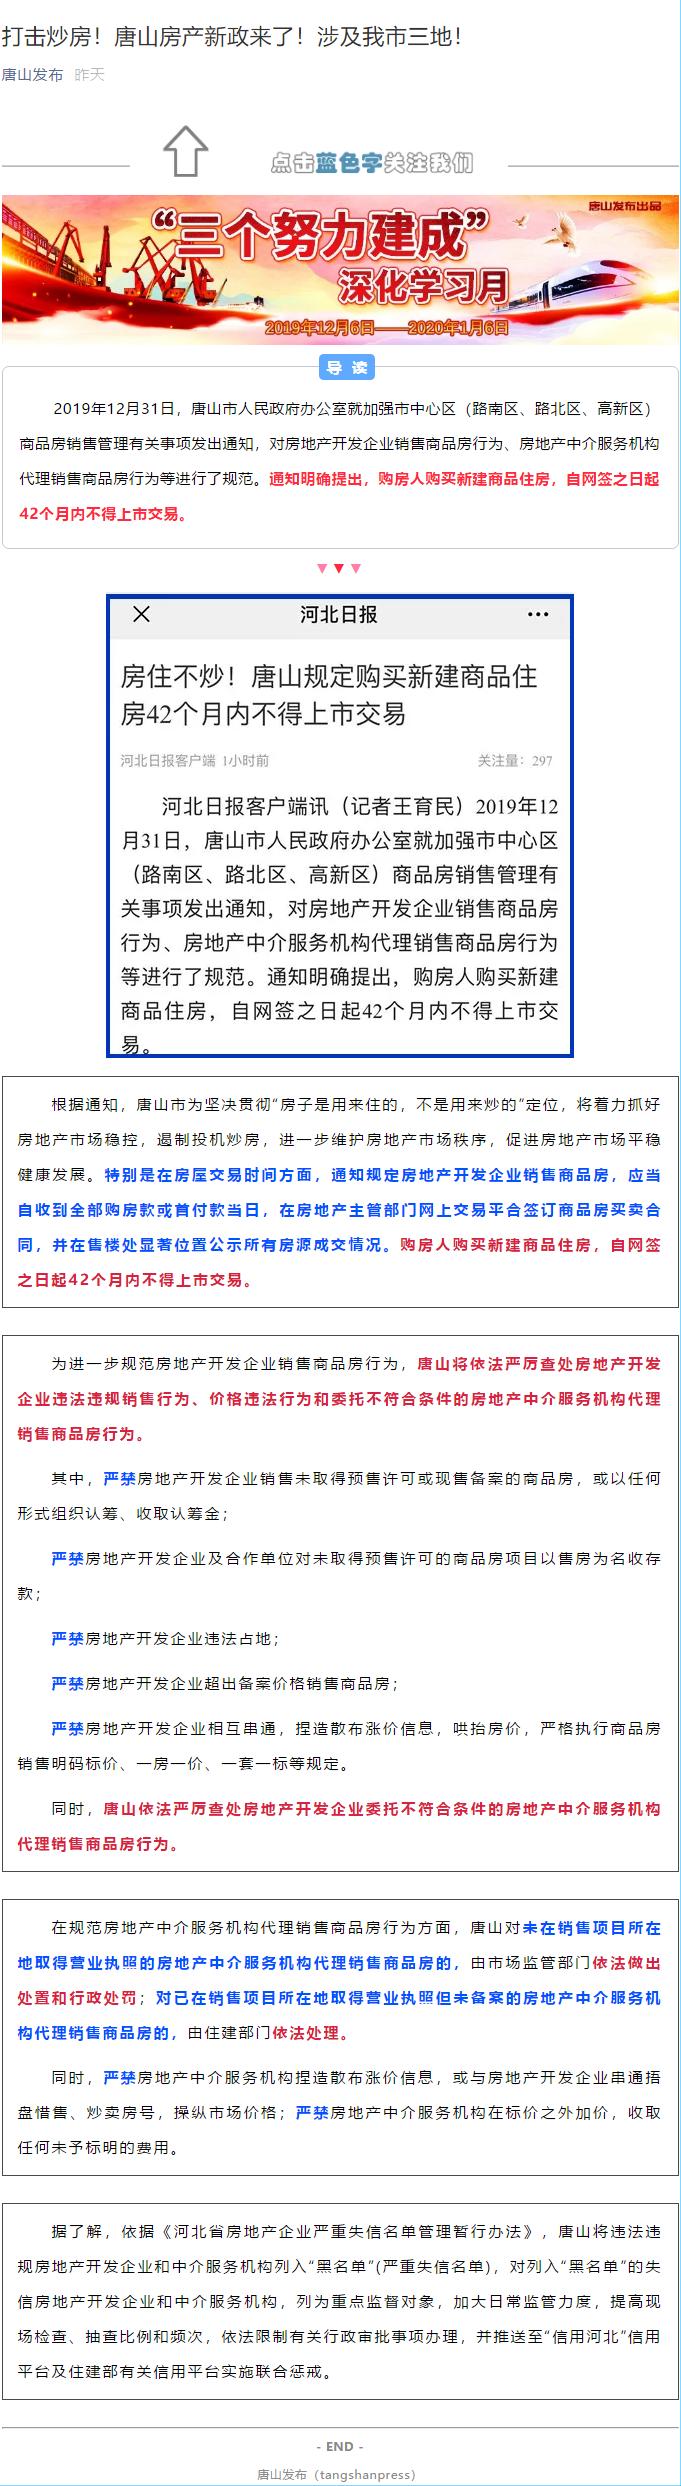 """唐山推出""""网签限售""""新政"""